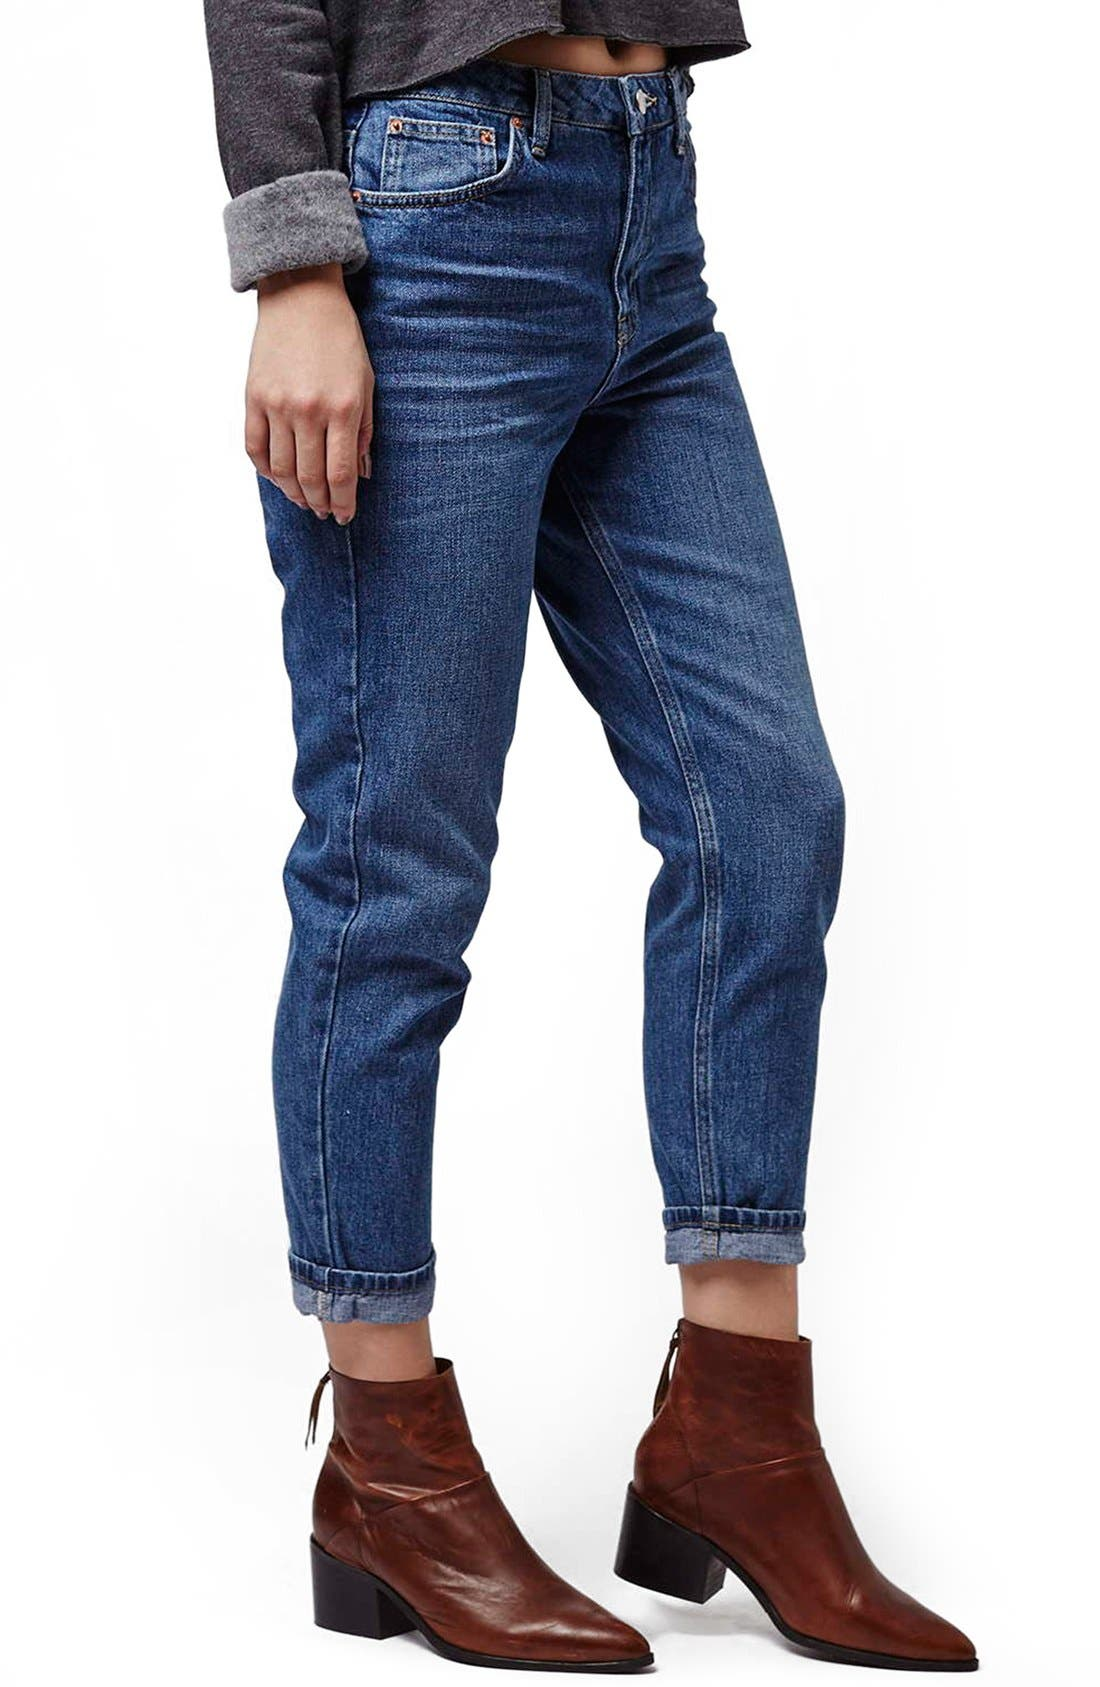 Alternate Image 1 Selected - Topshop Moto High Rise Crop Jeans (Dark Denim) (Petite)